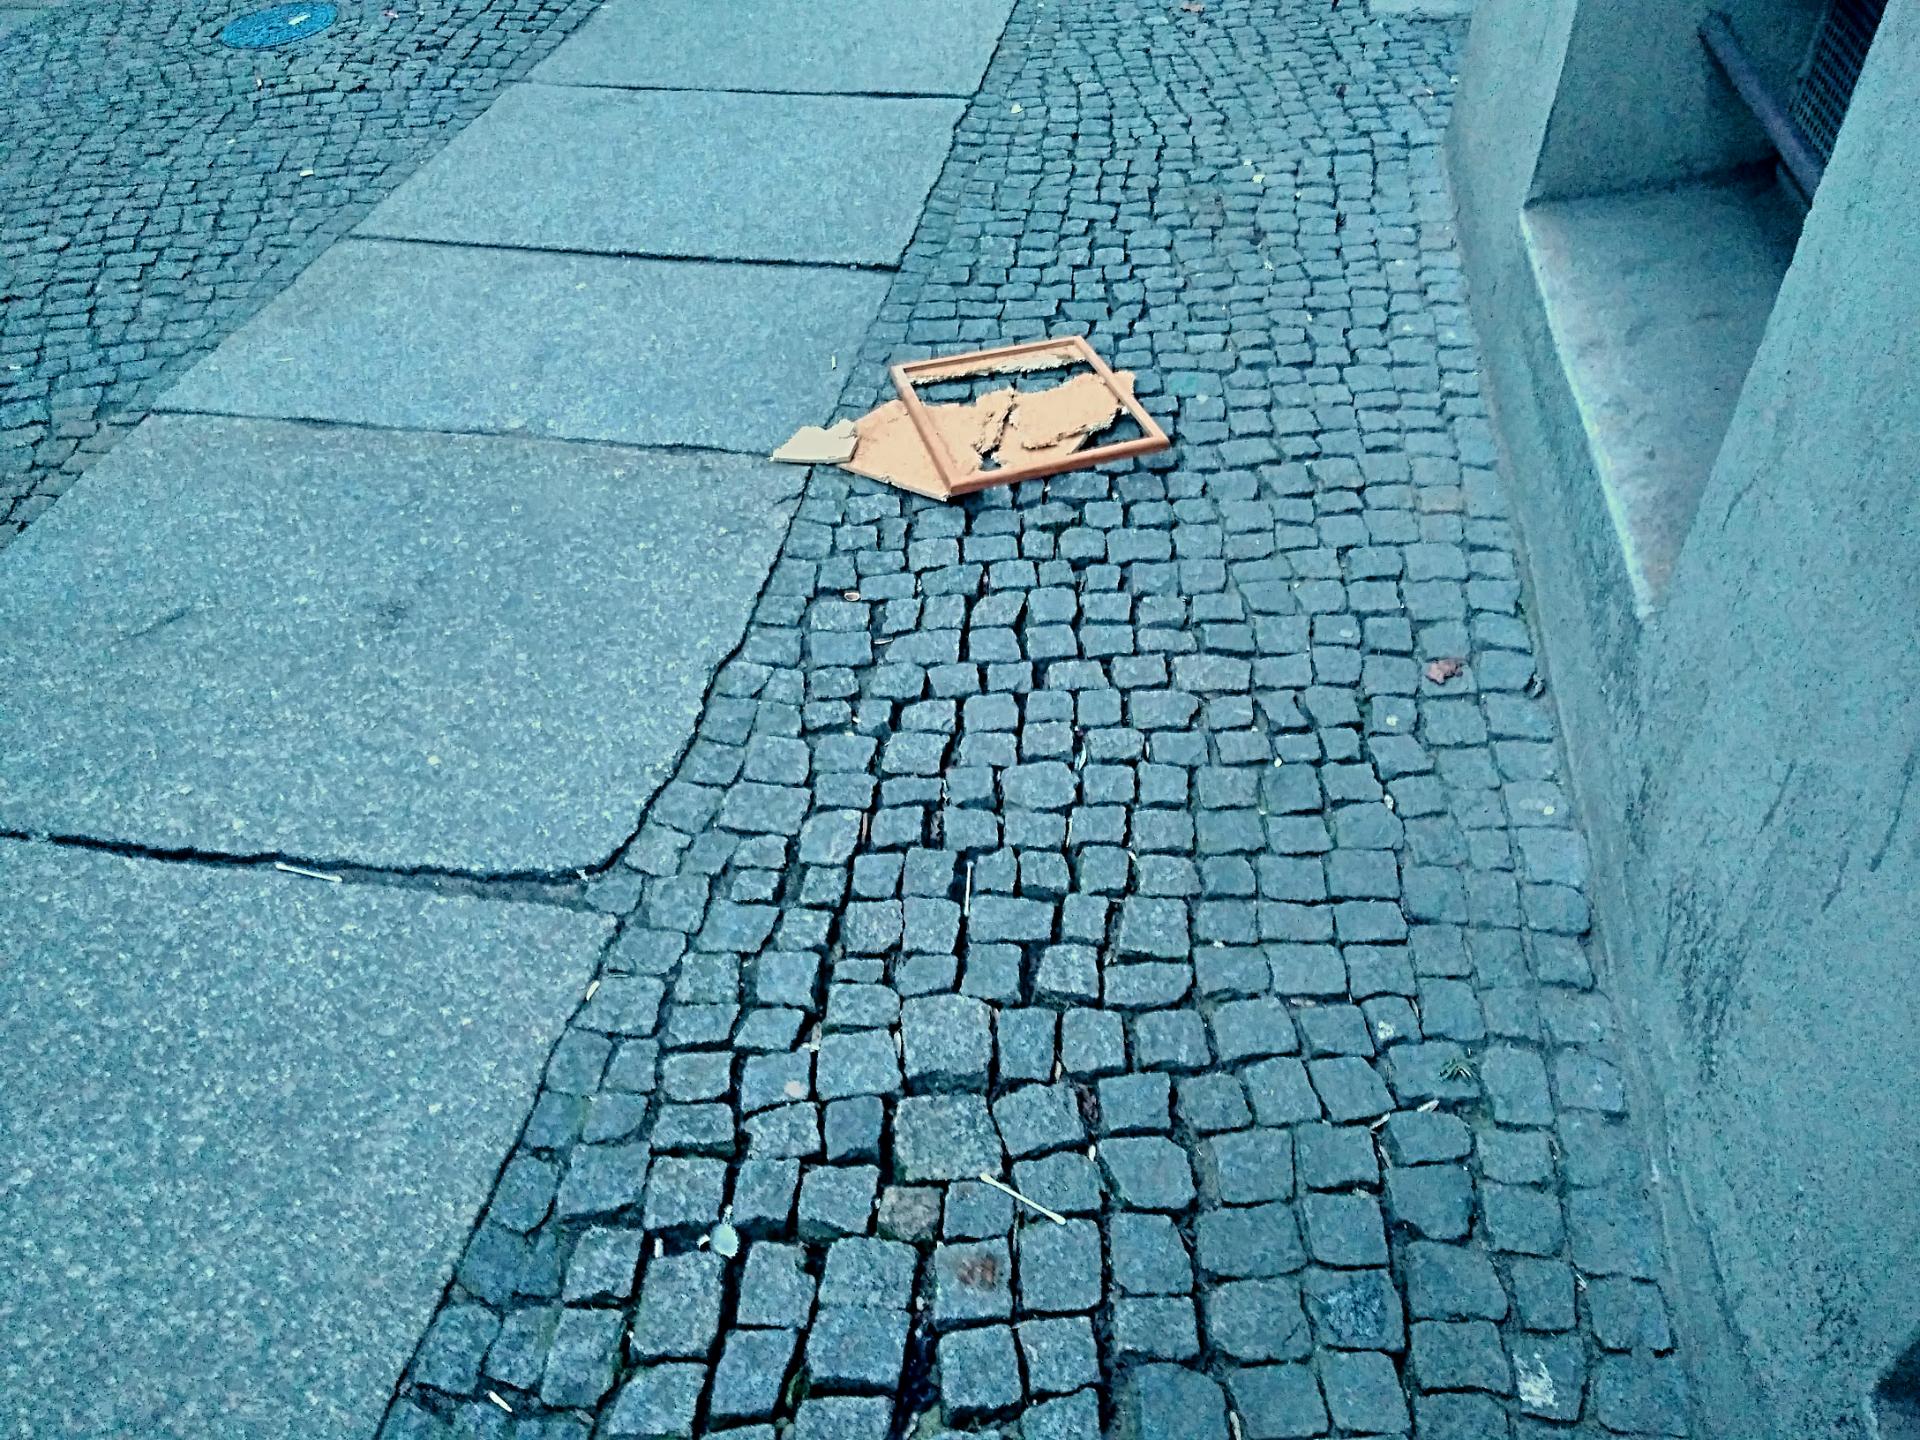 Garbage in Berlin